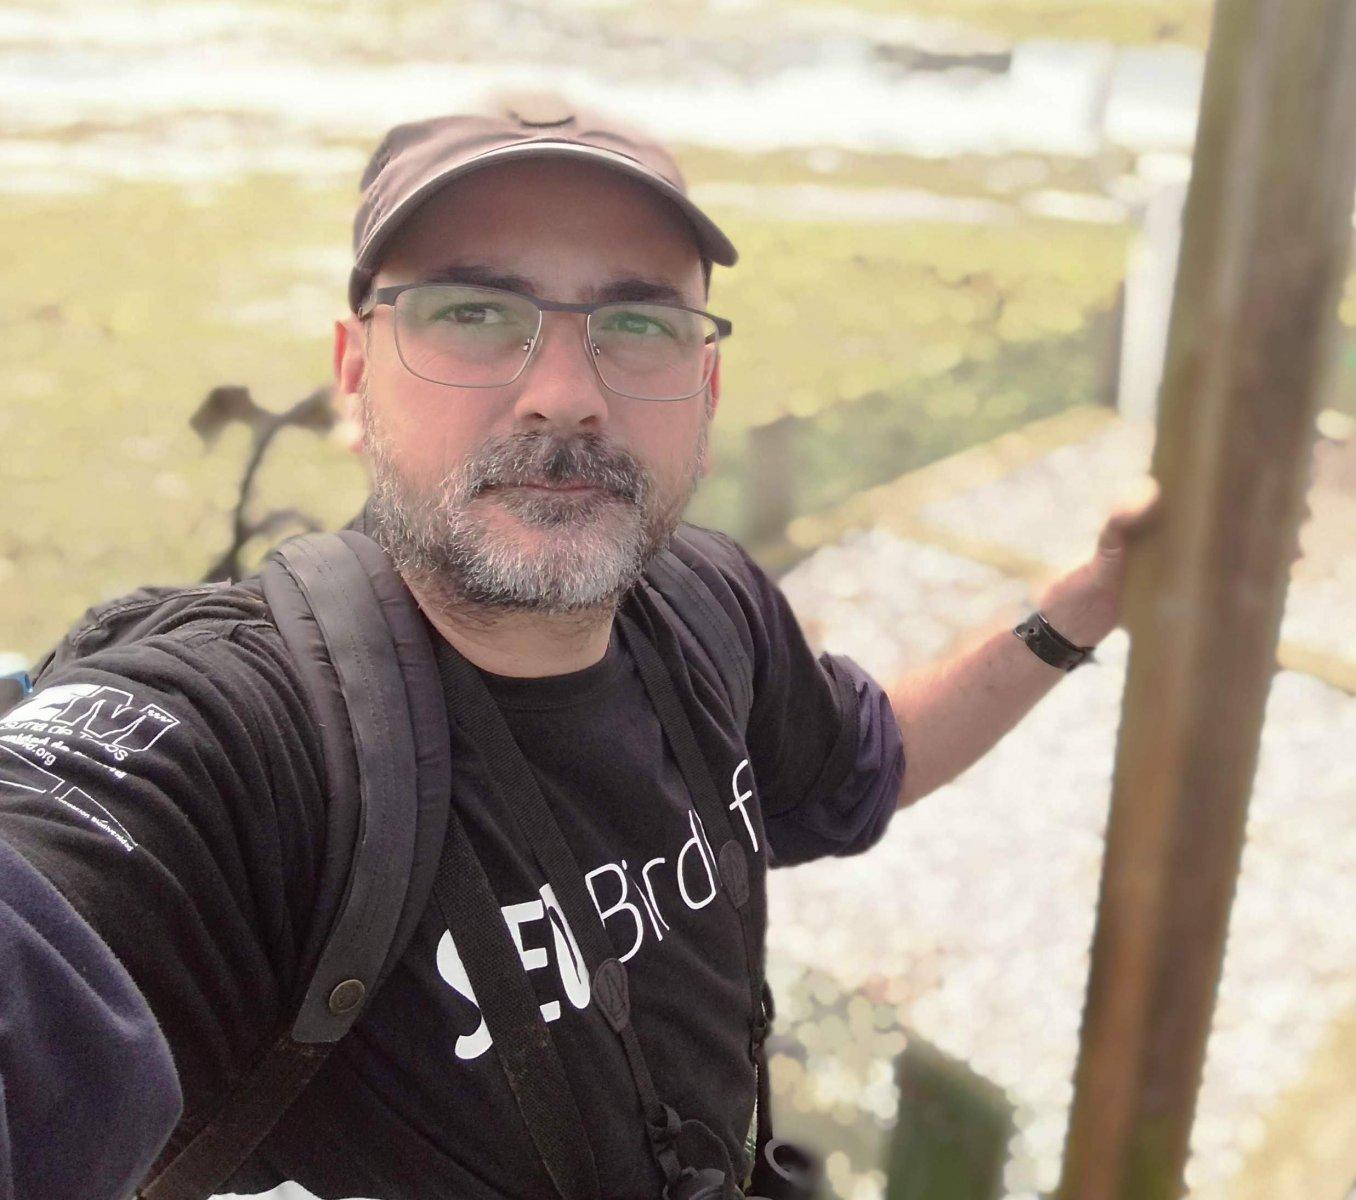 Felipe Gonzalez Sanchez, Cantabria regional officer, SEO/BirdLife